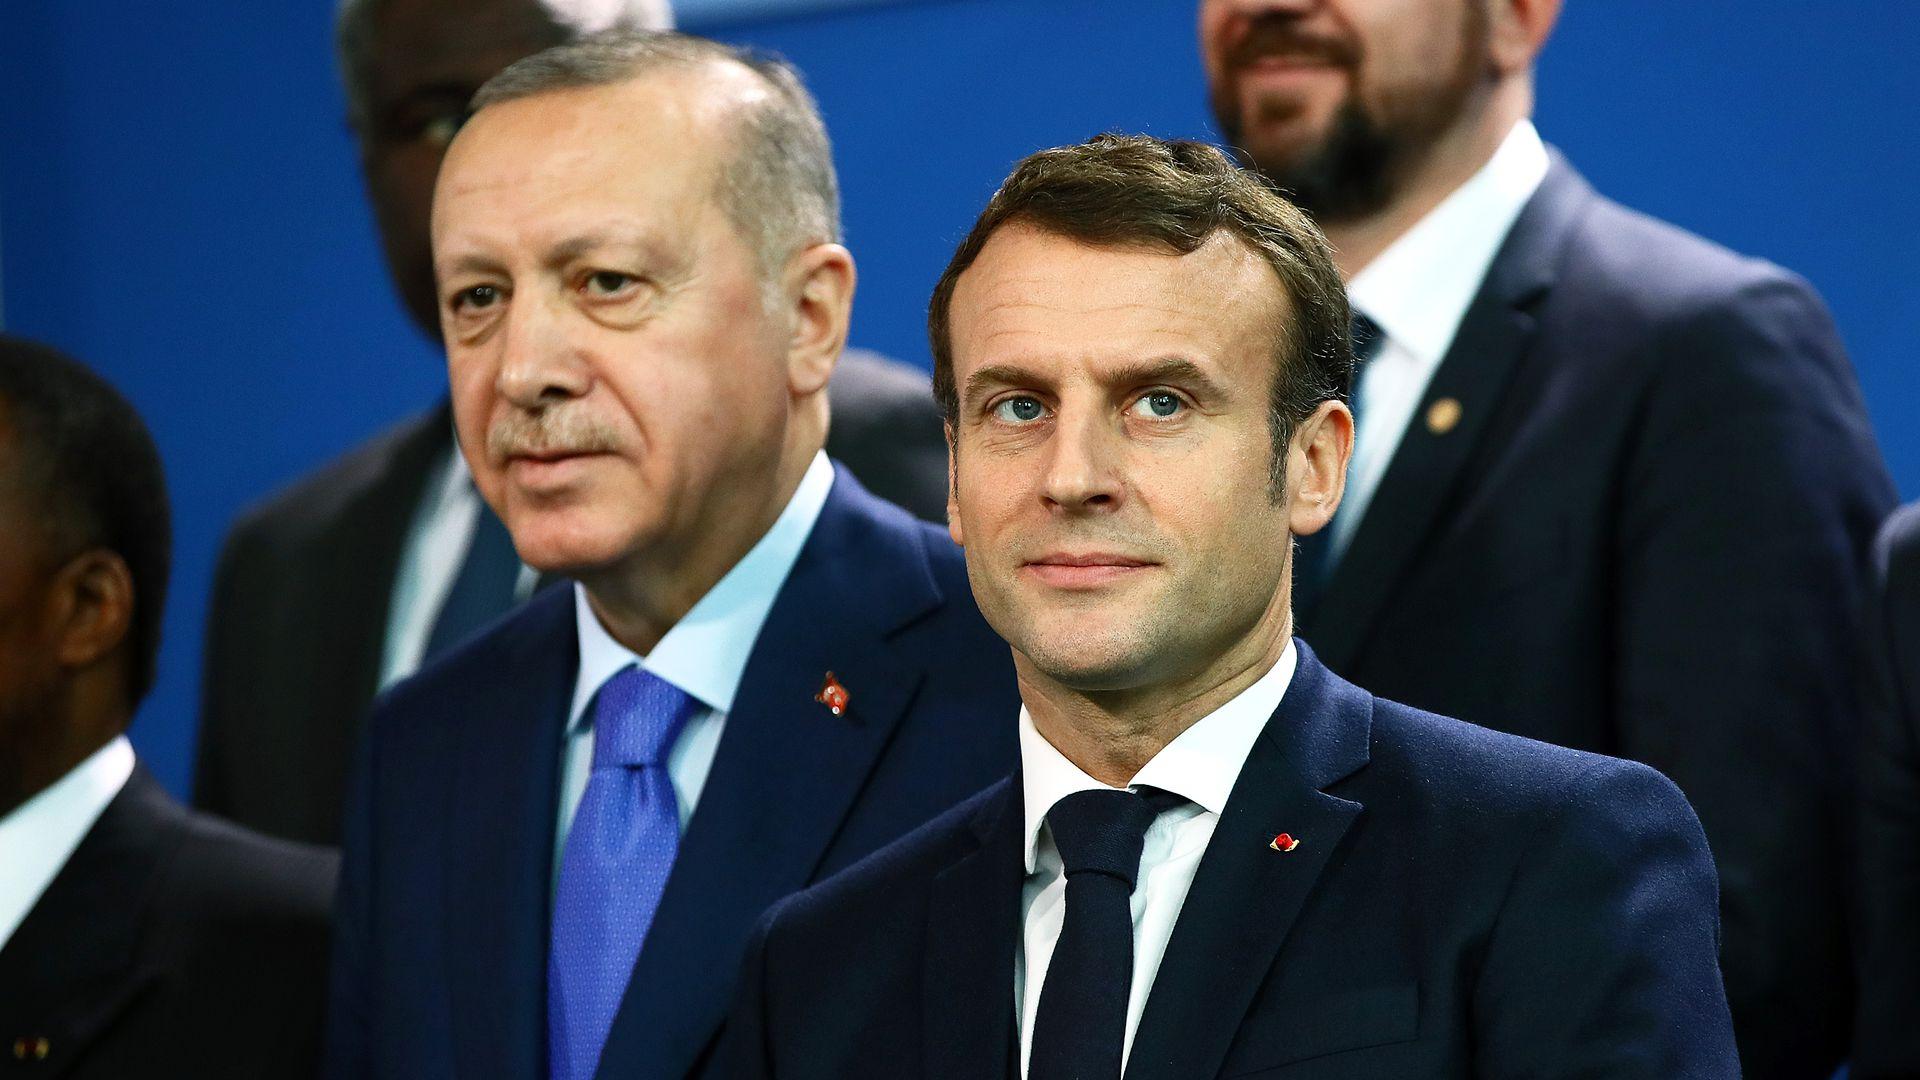 صورة مصالحة تركية- فرنسية مرتقبة وأنقرة تطلق أولى التصريحات